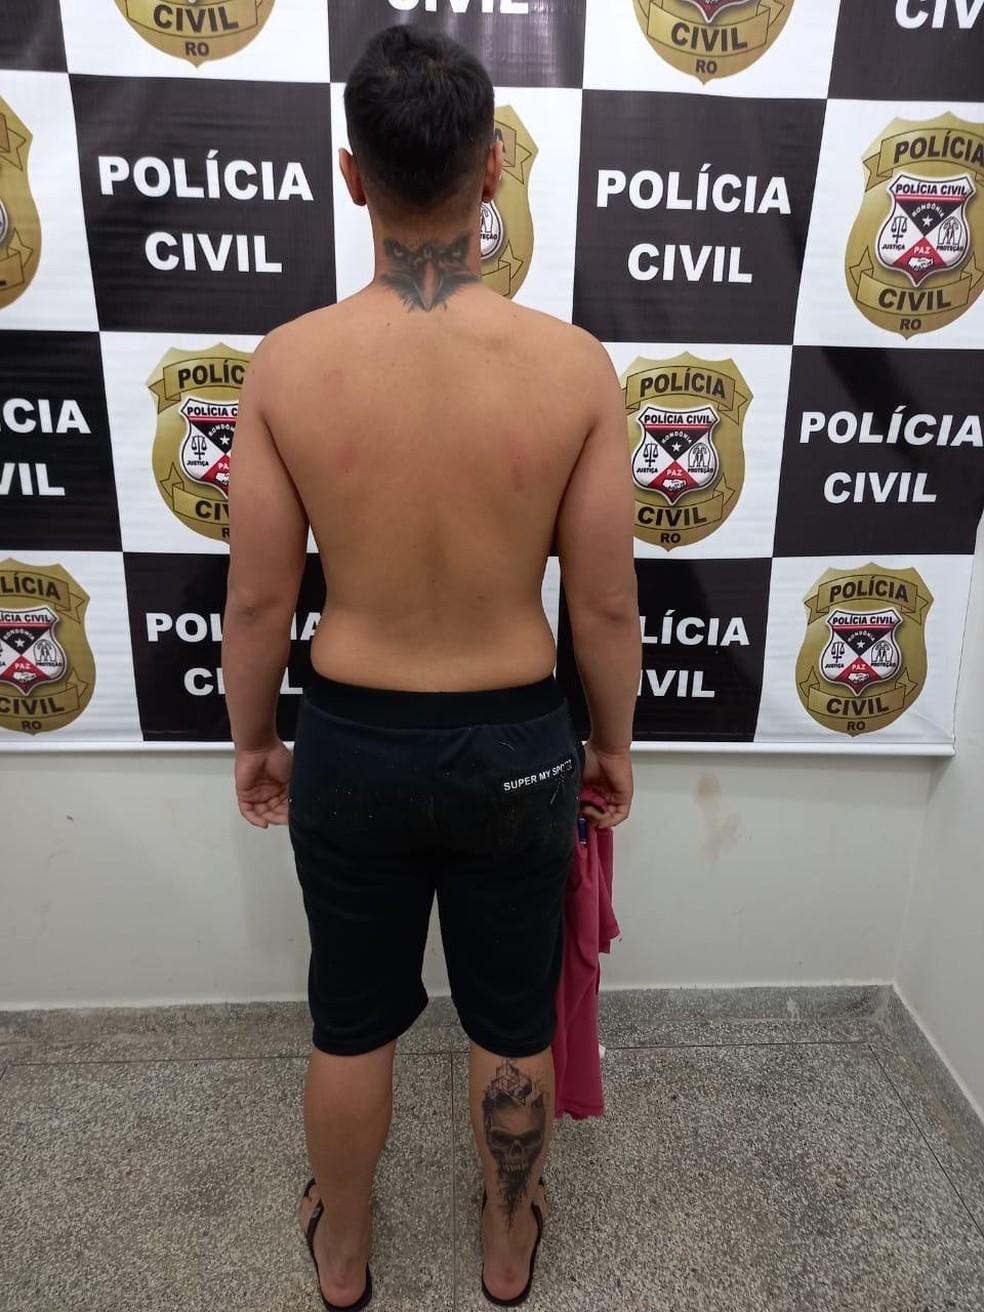 Suspeito é preso pela Polícia Civil de Ariquemes na operação Exctasy — Foto: Divulgação